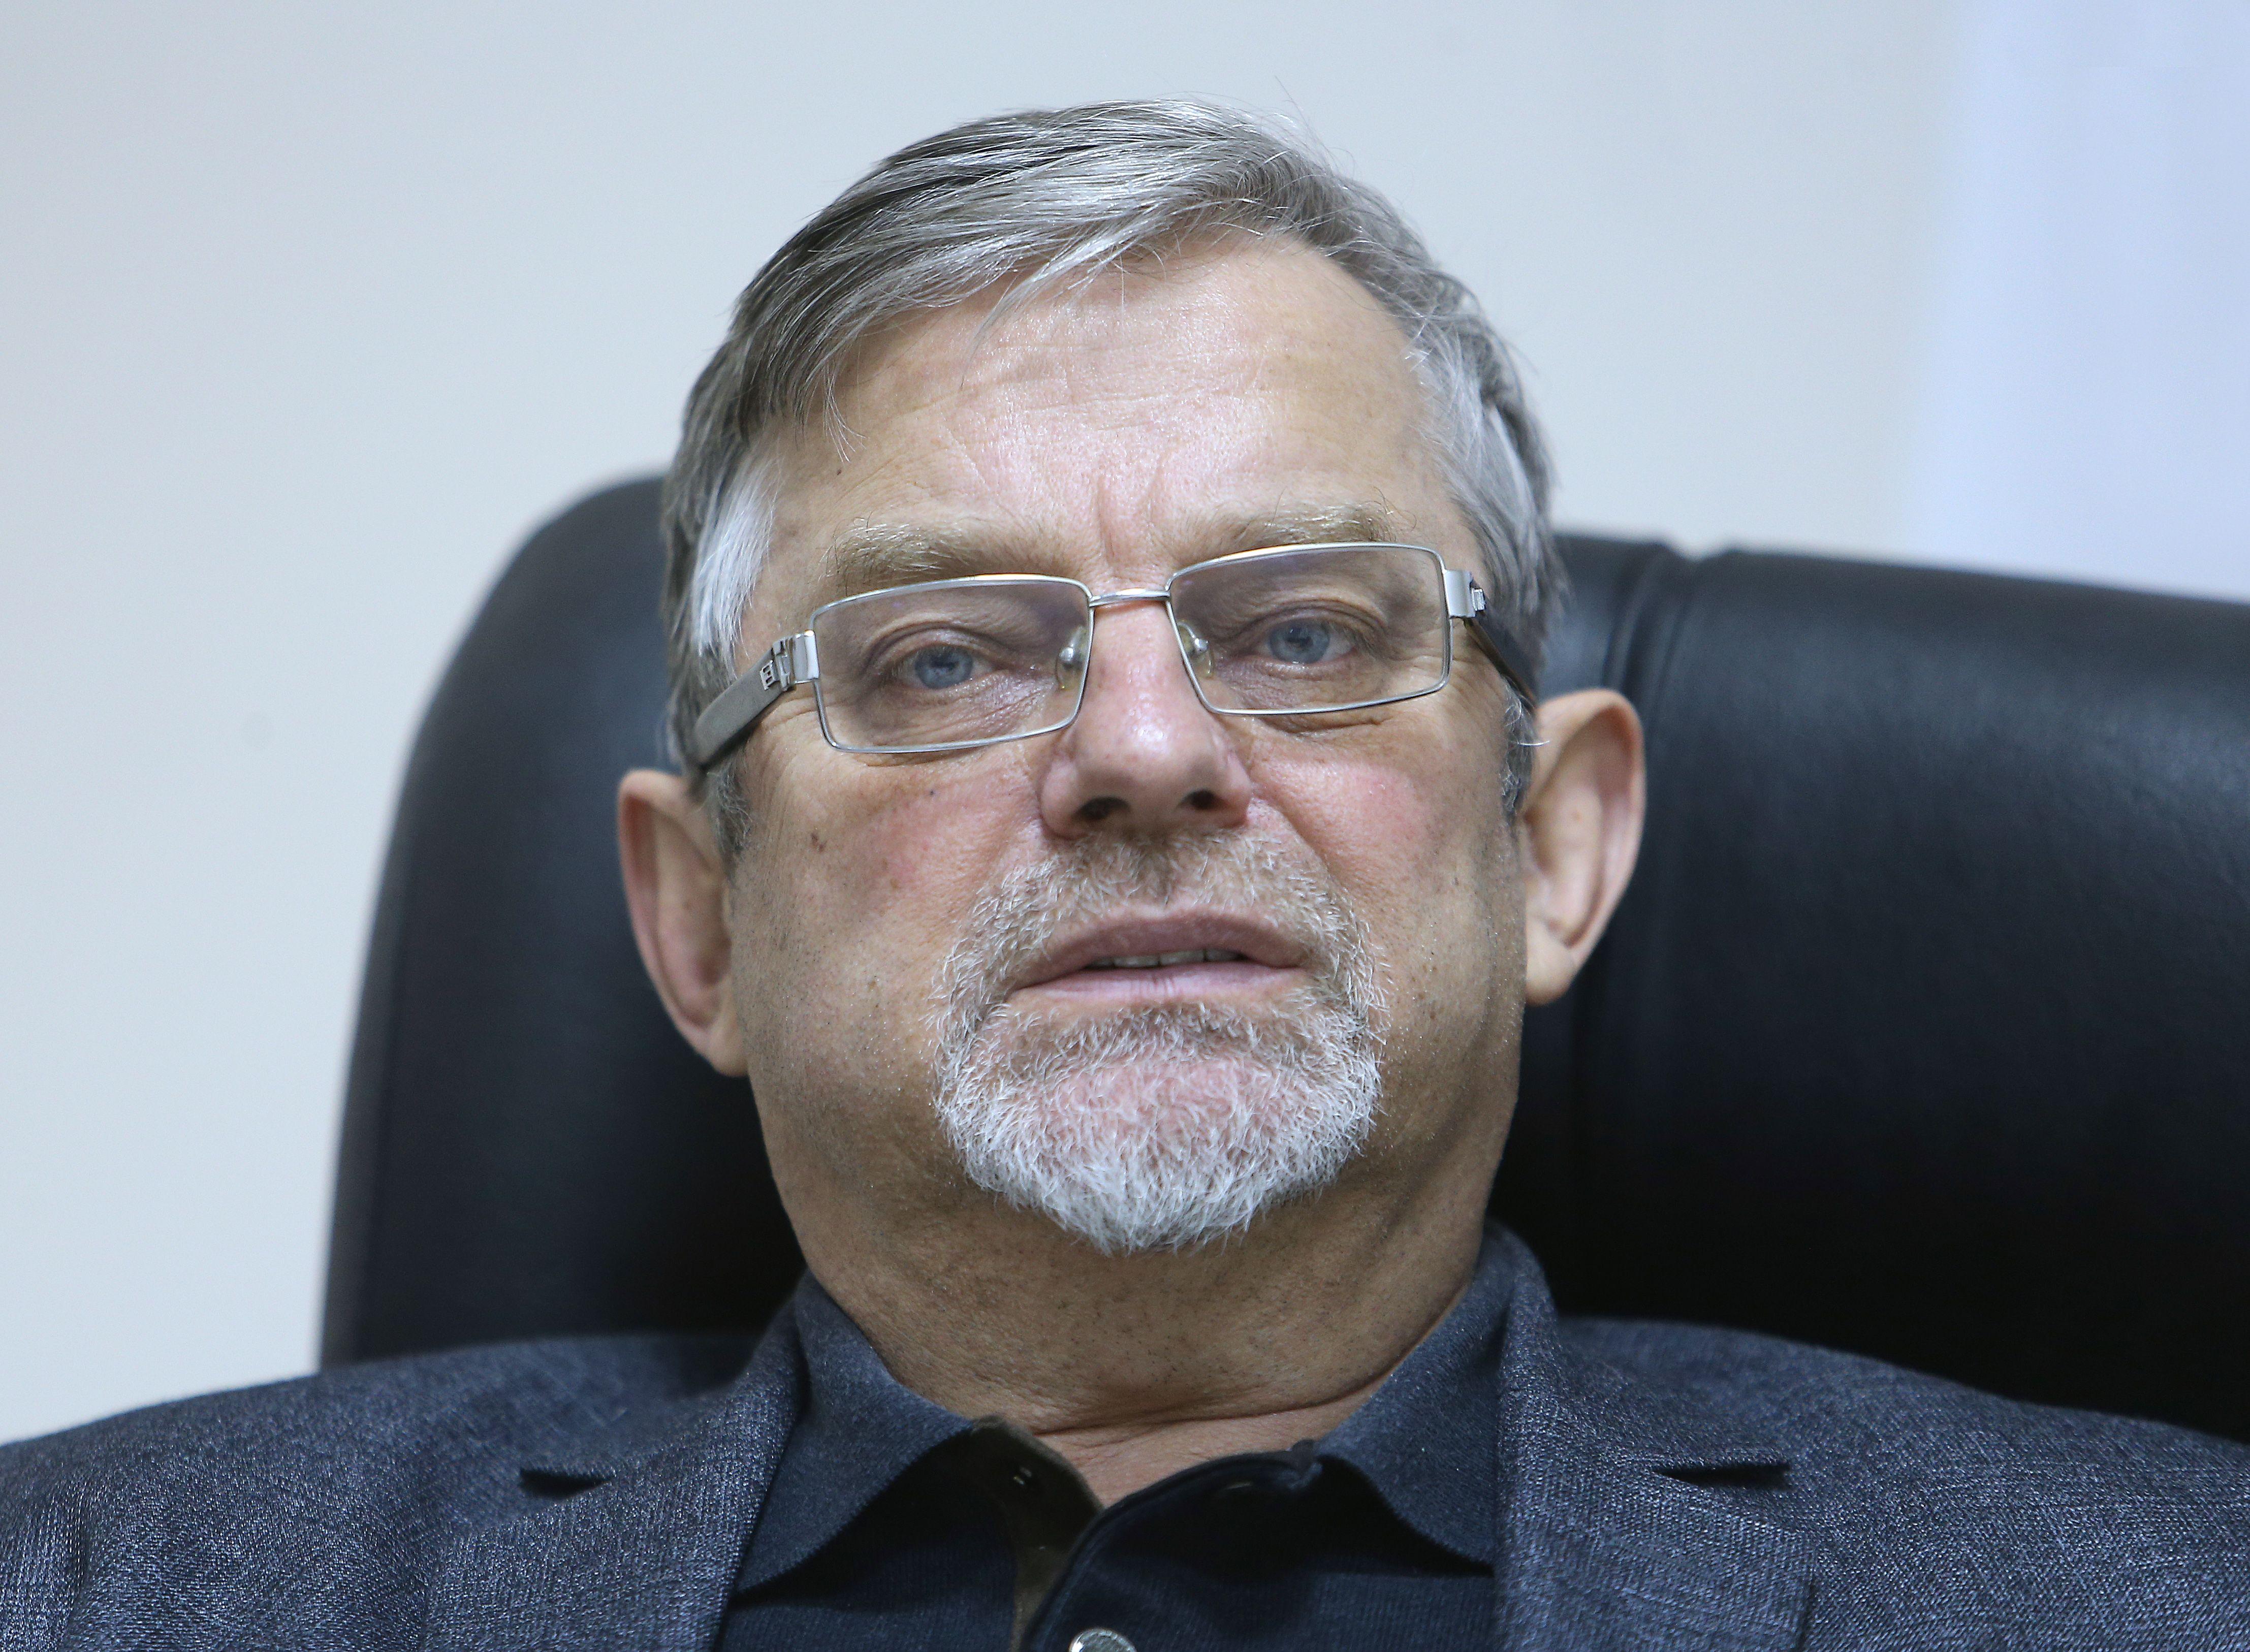 Тимошенко желает ликвидировать Нафтогаз вслучае собственной победы